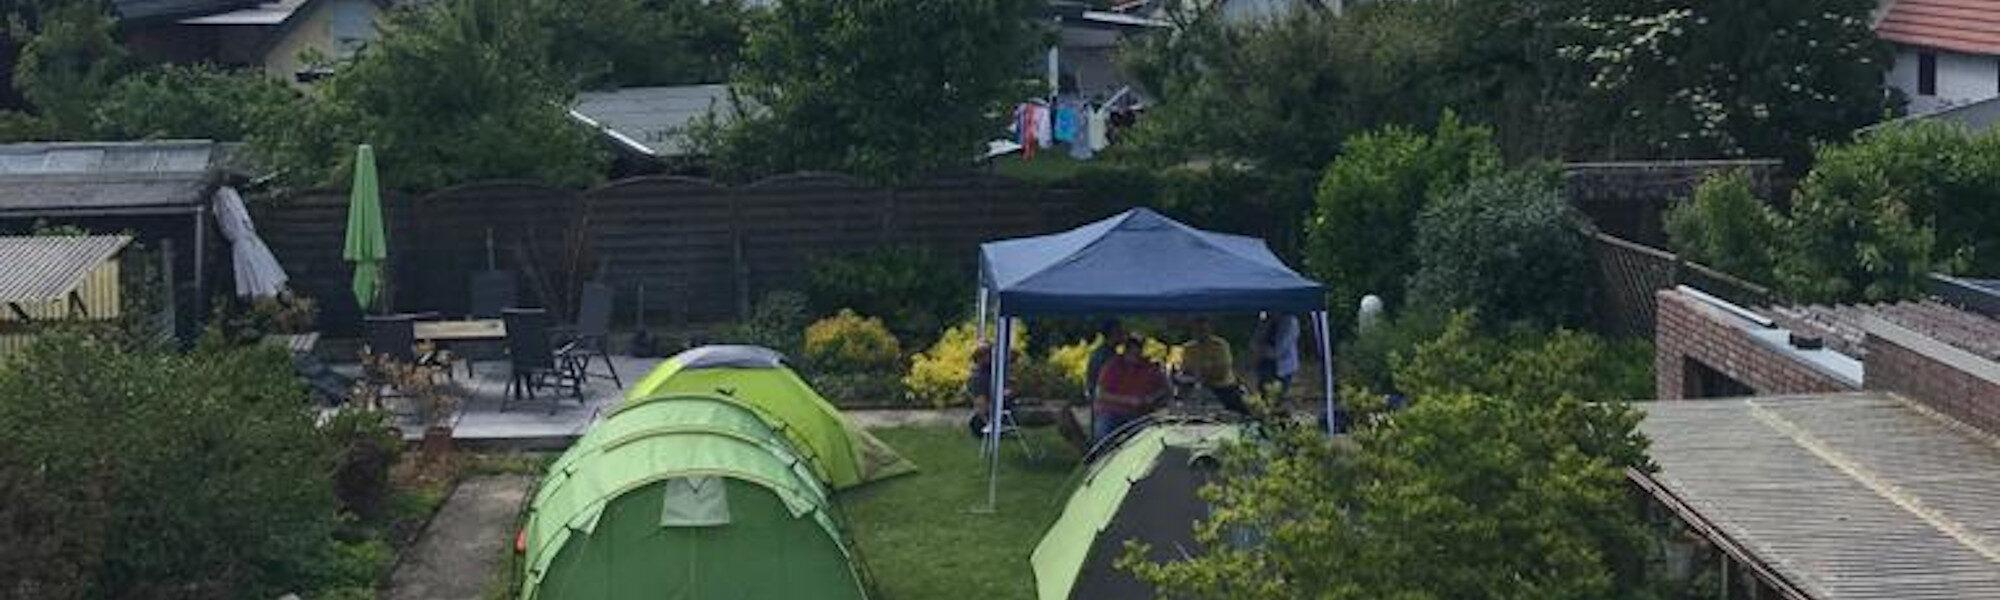 """Kurzurlaub auf dem Campingplatz """"am Pulverdamm"""""""